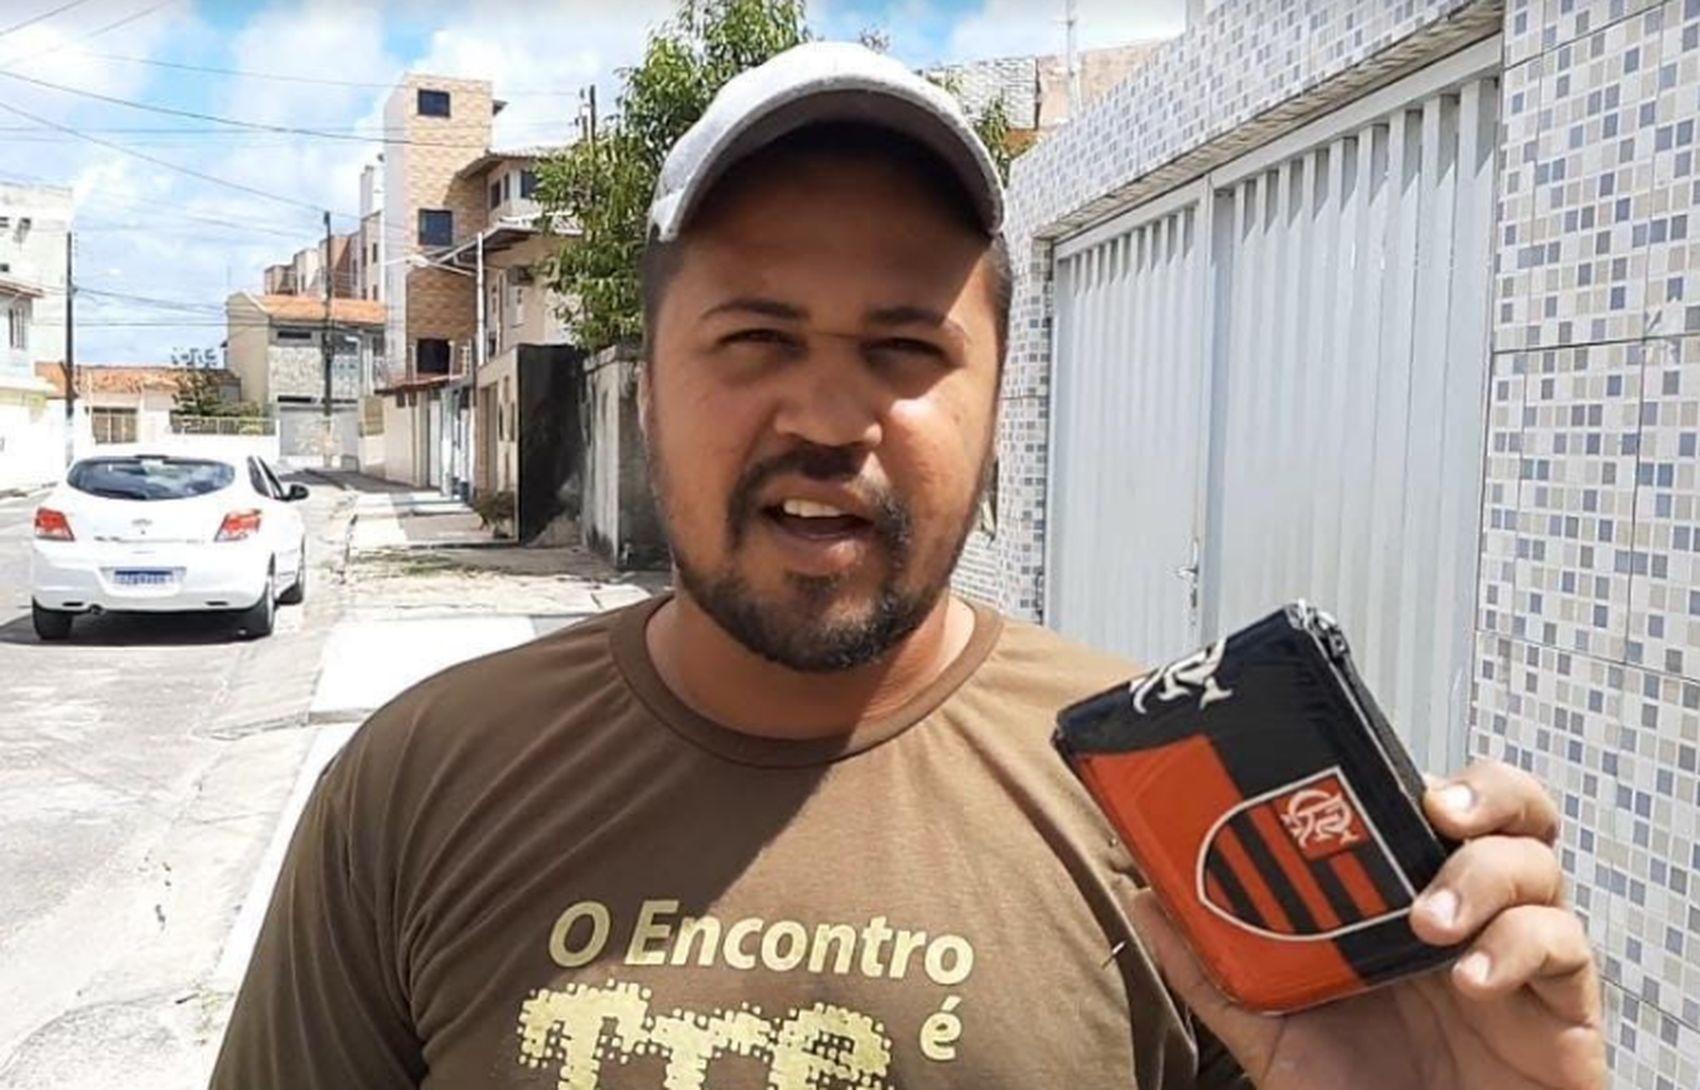 'Esse dinheiro iria fazer muita falta', diz ajudante de pedreiro de São Cristóvão ao recuperar cartão perdido junto com a senha